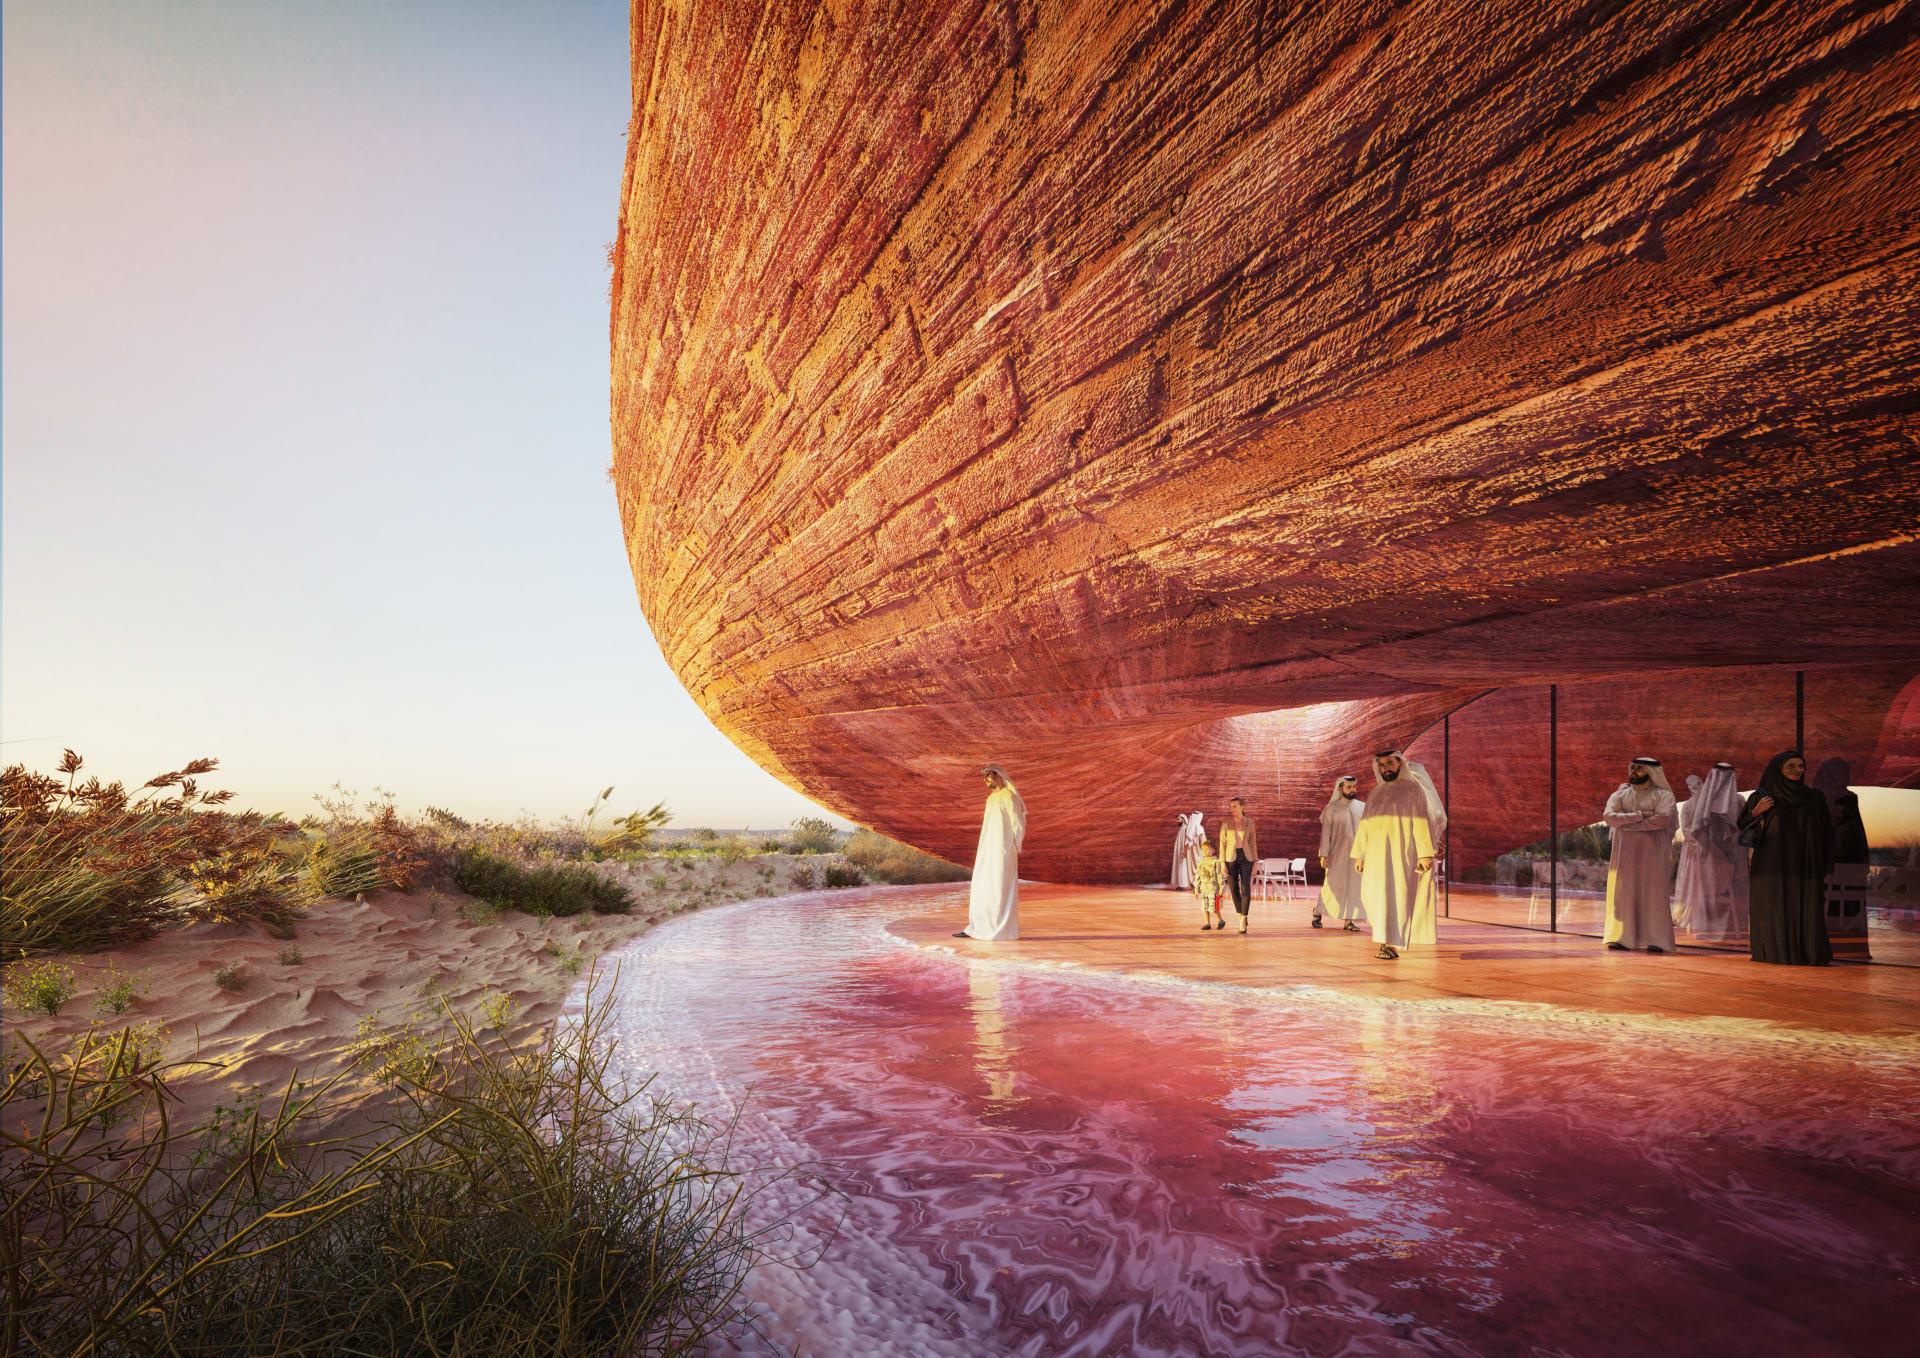 """تصميمه """"يذوب"""" في البيئة التي تحيط به.. تعرف على المبنى الجديد الذي سيزين محمية الوثبة بأبوظبي"""